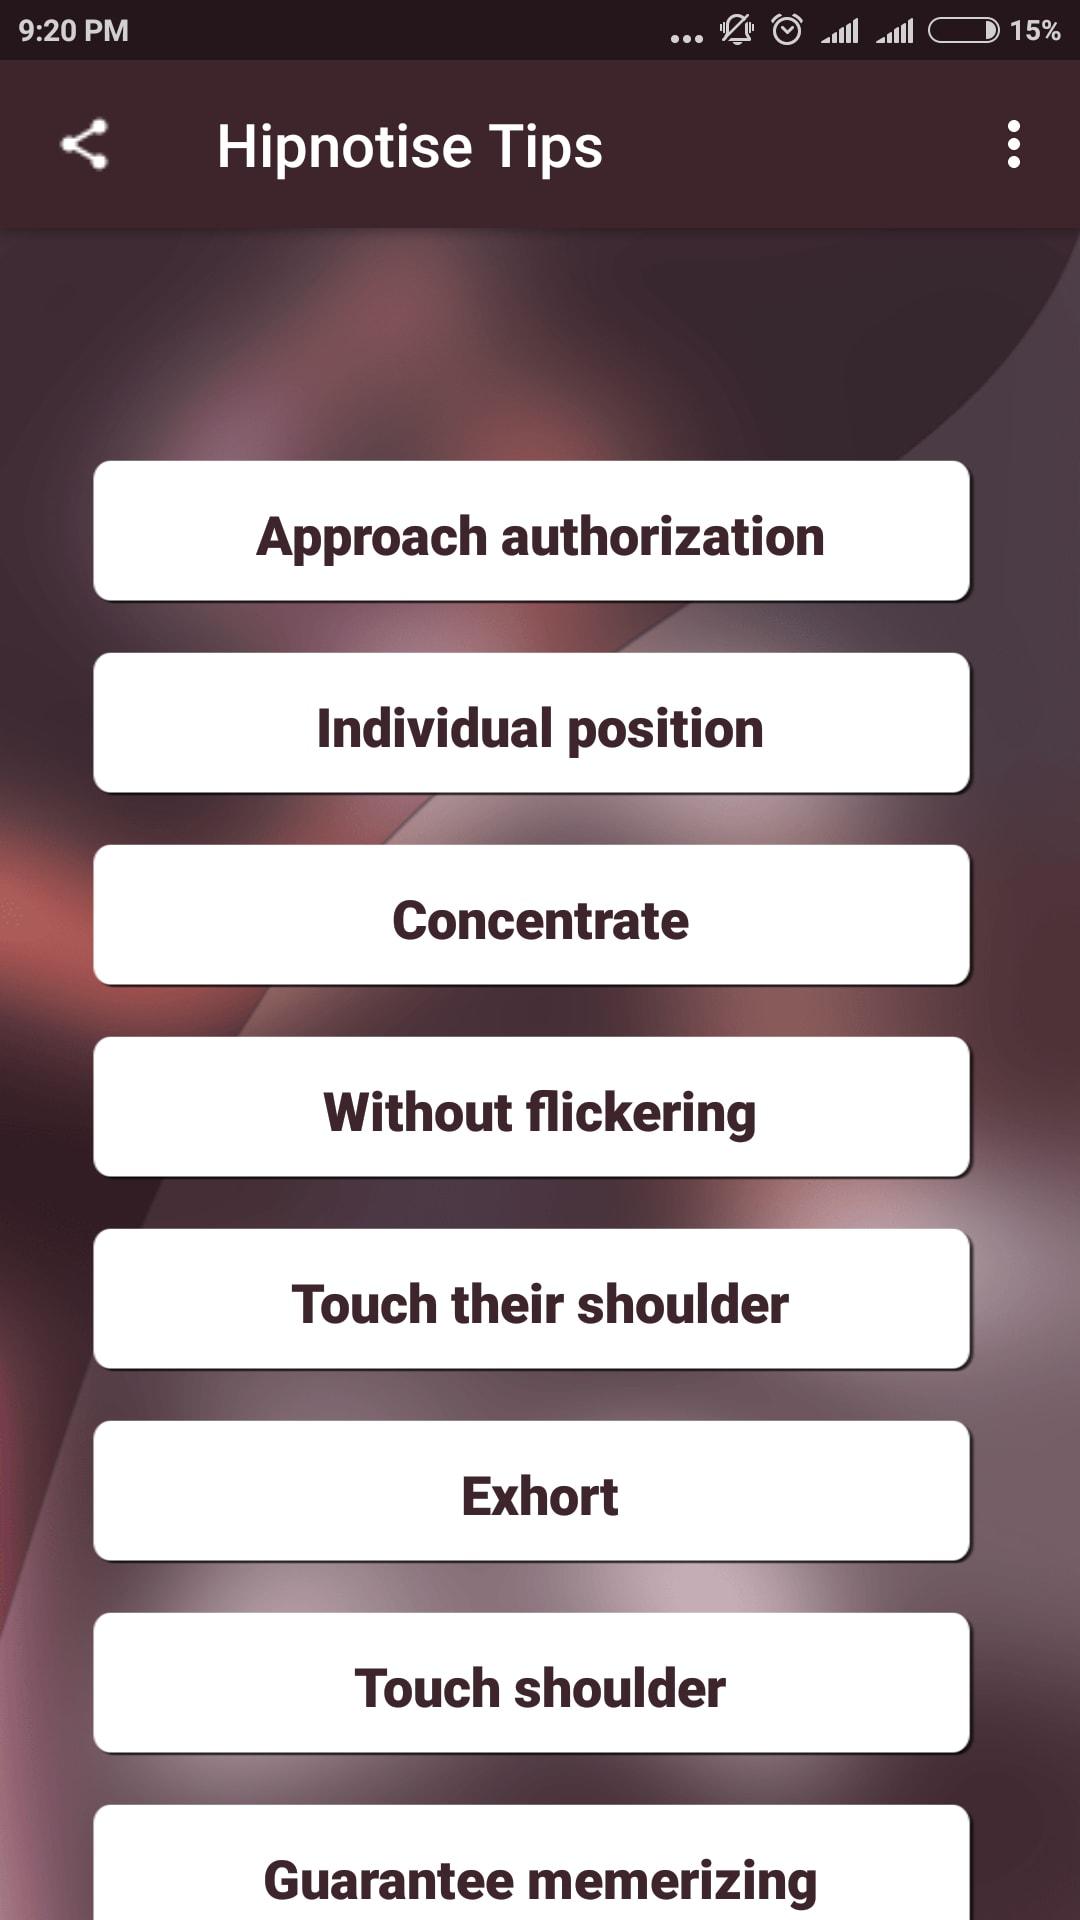 Hipnotise Tips